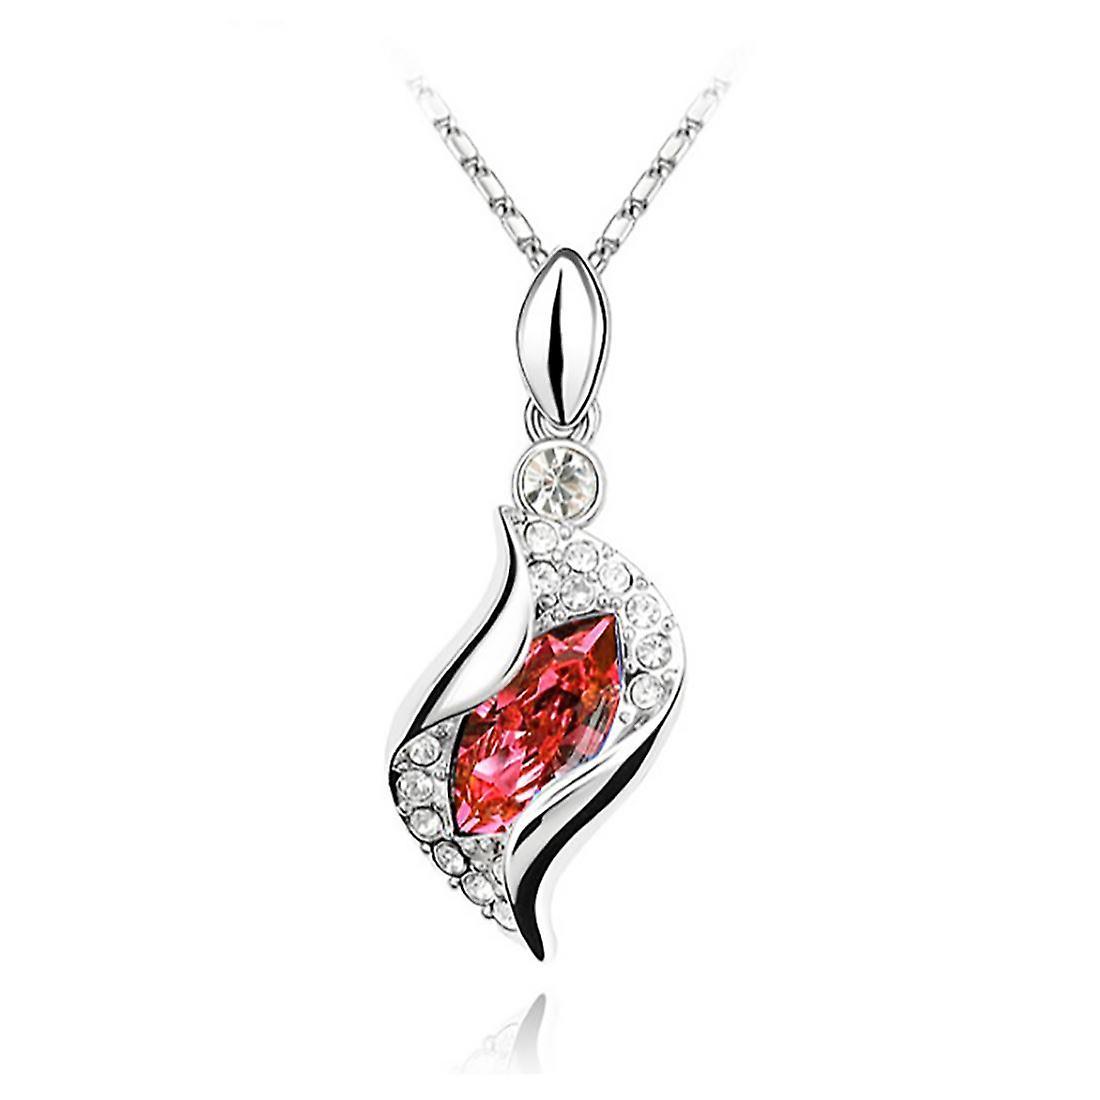 女性の美しい火オレンジ水晶のネックレス ・ イヤリング ジュエリー セット BGCW0065